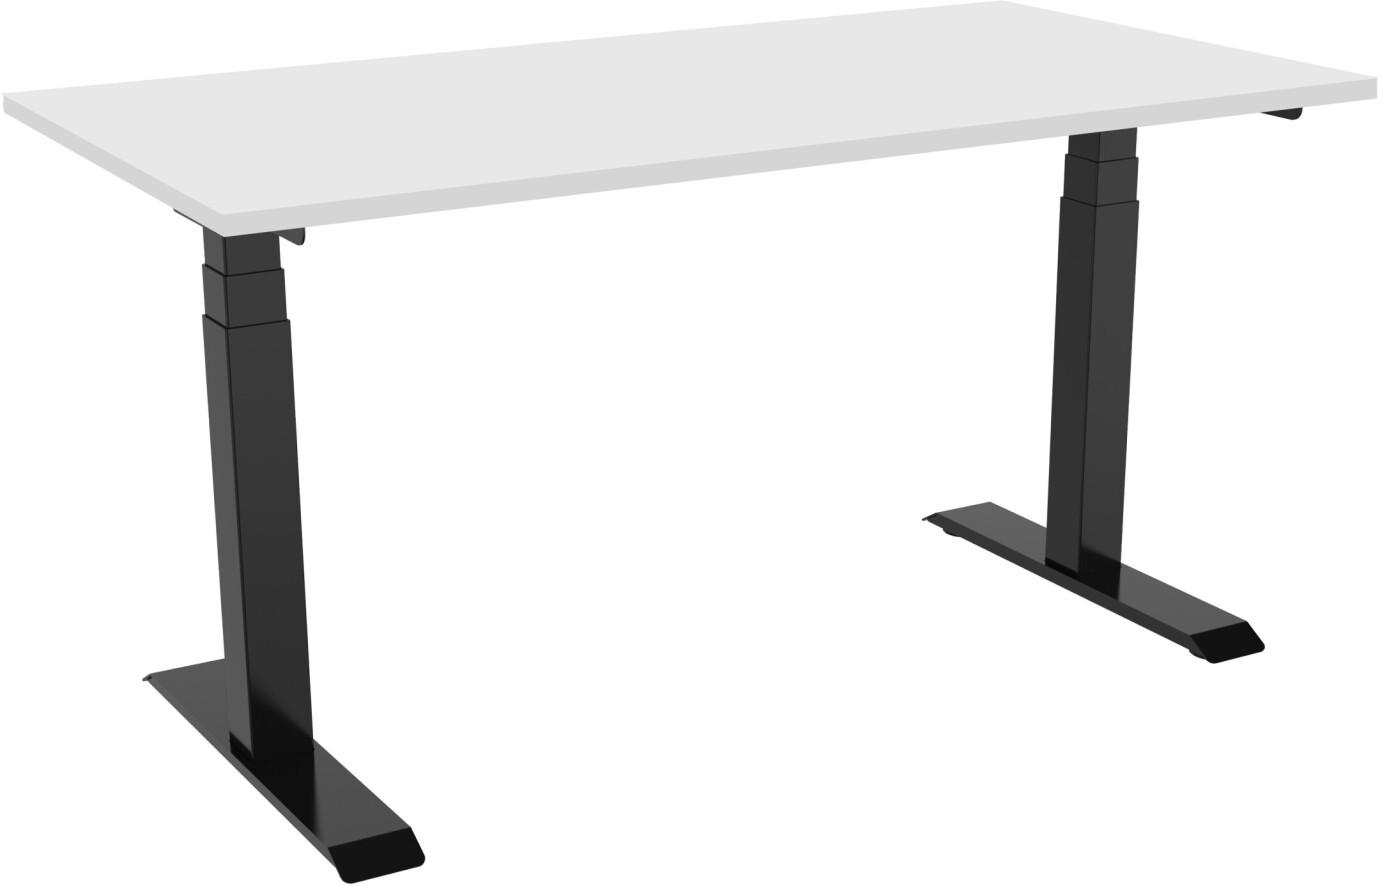 Bureau celexon PRO eAdjust-58123 réglable en hauteur électriquement - noir, avec plateau 175 x 75 cm